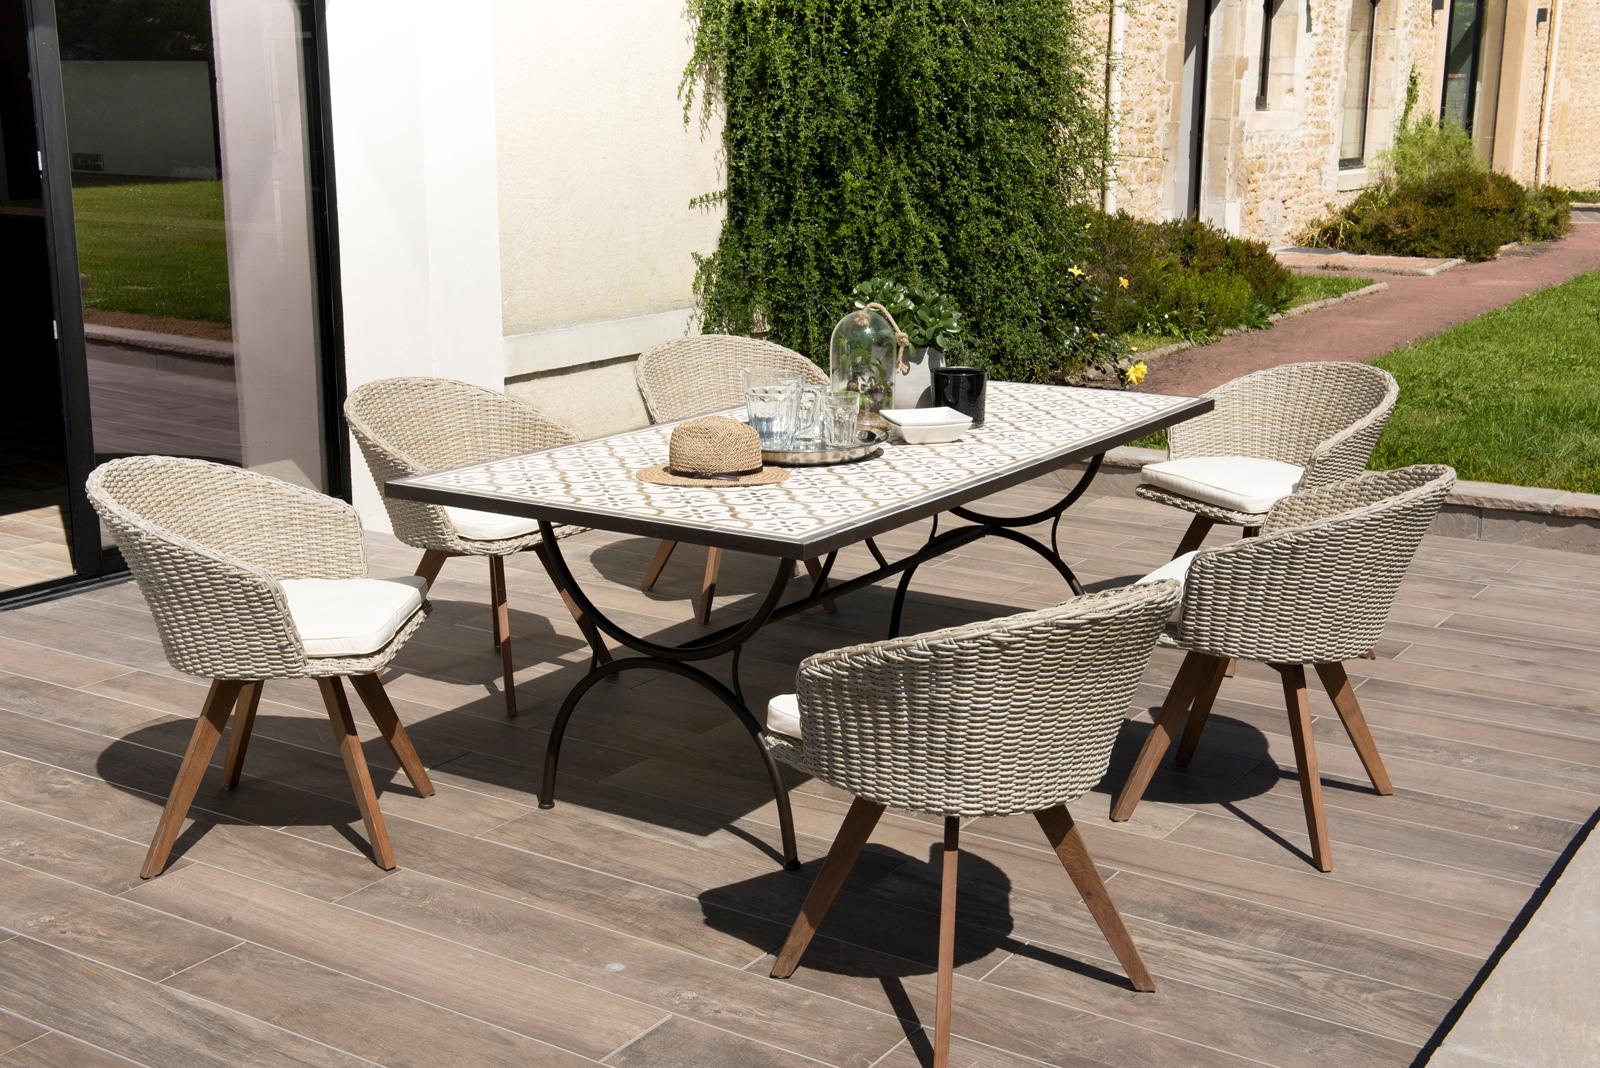 Salon de jardin SUMMER (7 table de jardin 7x700 carreaux de ciment, 7  fauteuils de jardin)